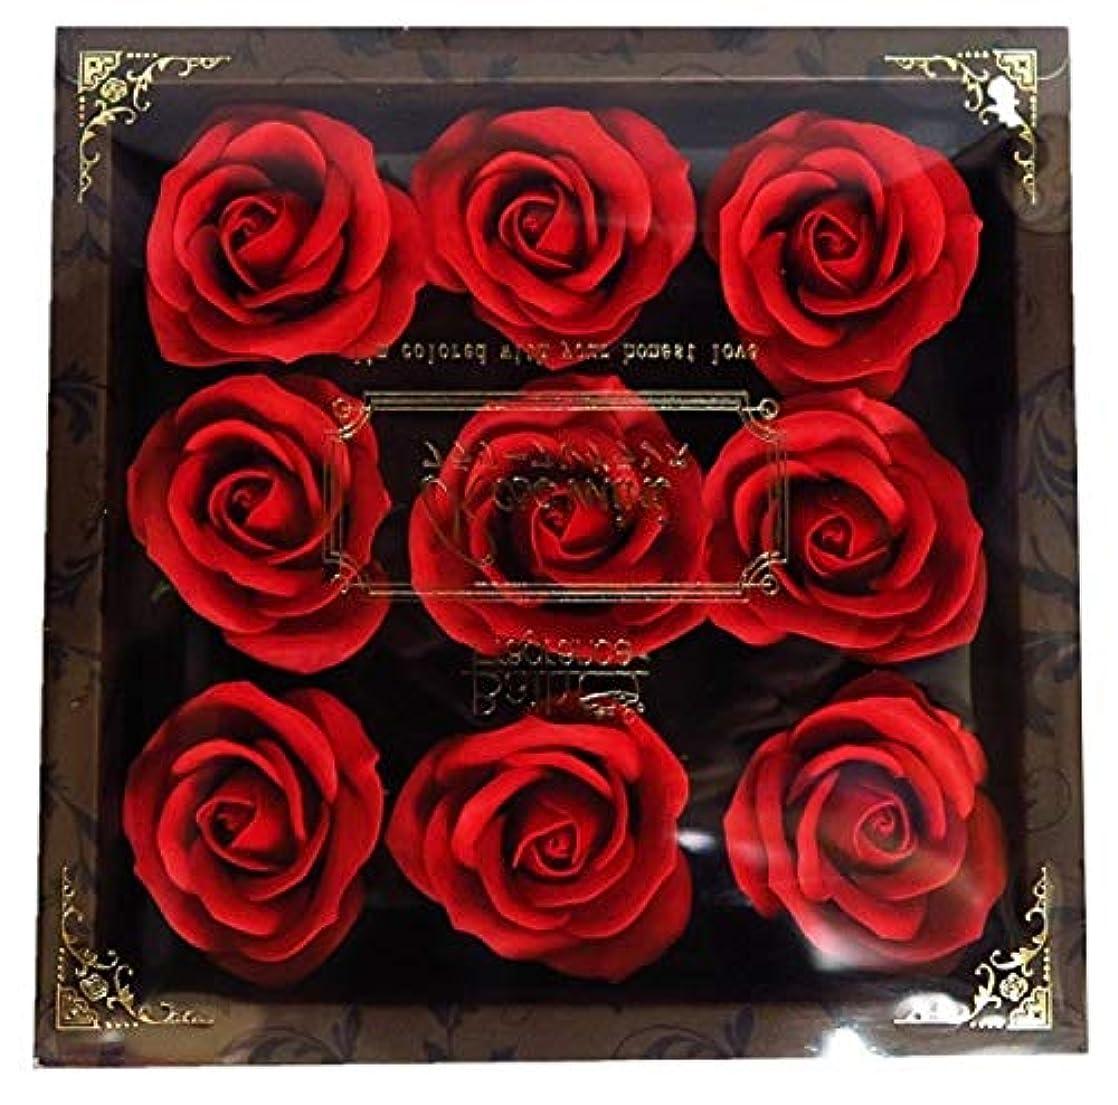 強打キャッチ作家バスフレグランス フラワーフレグランス ミニローズフレグランス(L)レッド ギフト お花の形の入浴剤 プレゼント ばら